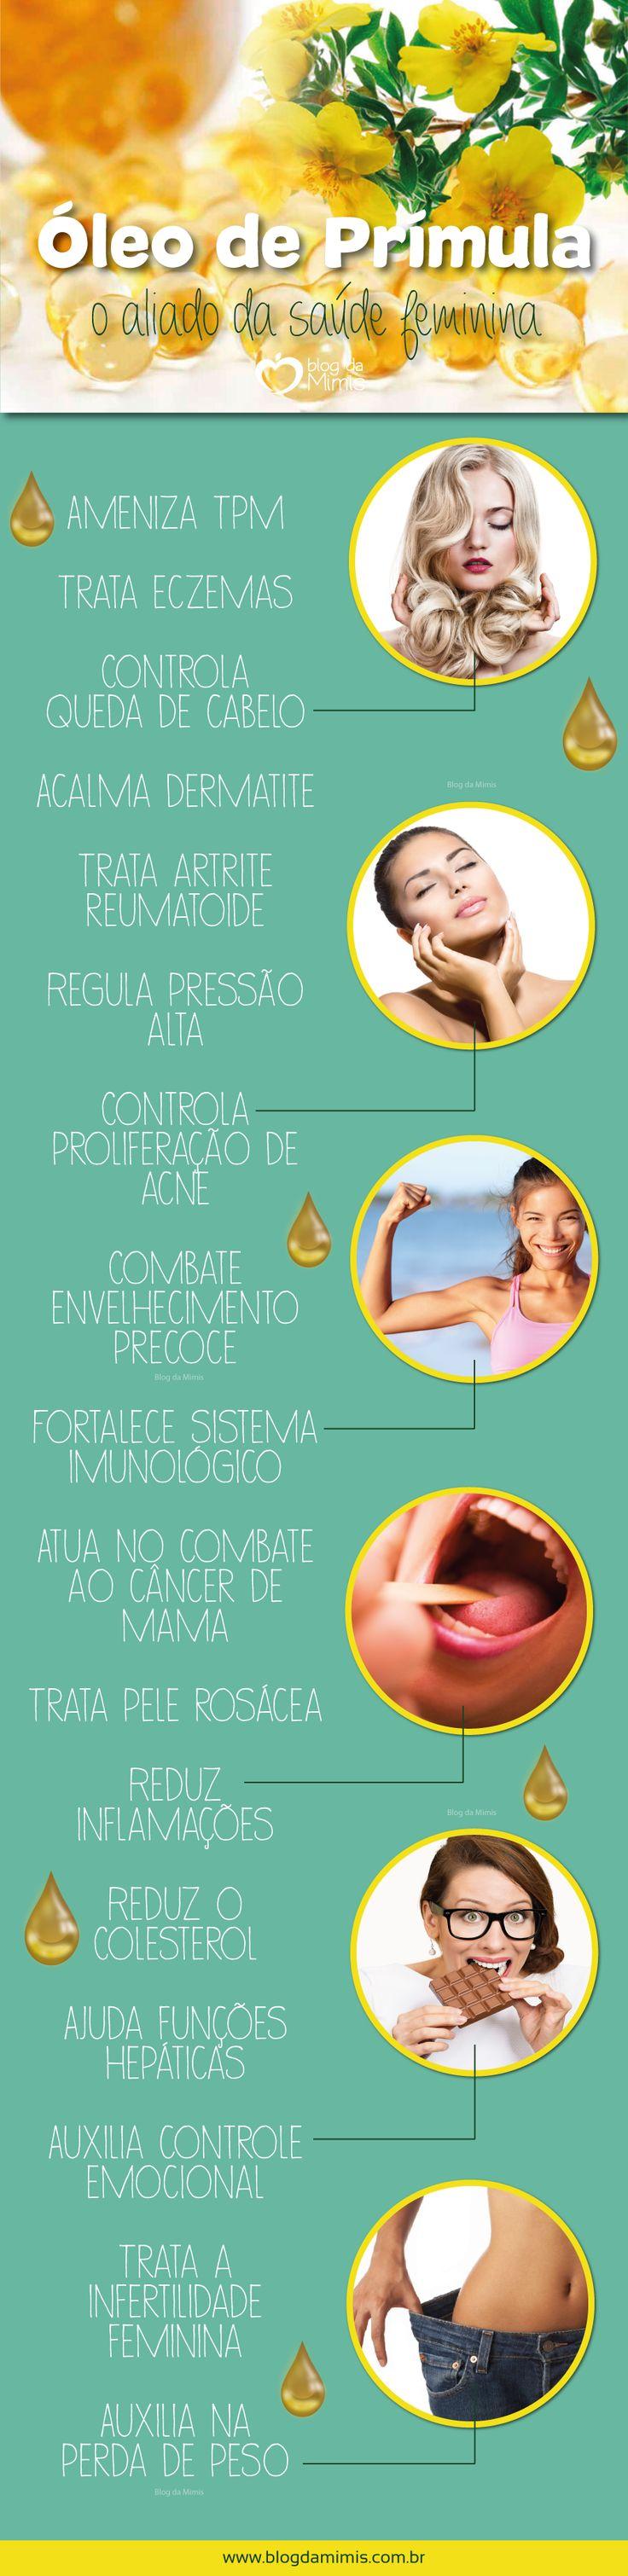 O óleo de prímula é um verdadeiro aliado da saúde feminina. Além de auxiliar no emagrecimento saudável, é também um regulador hormonal natural, aliviando desde sintomas da TPM e acne adulta, à pressão arterial e menopausa. Seus benefícios são muitos…